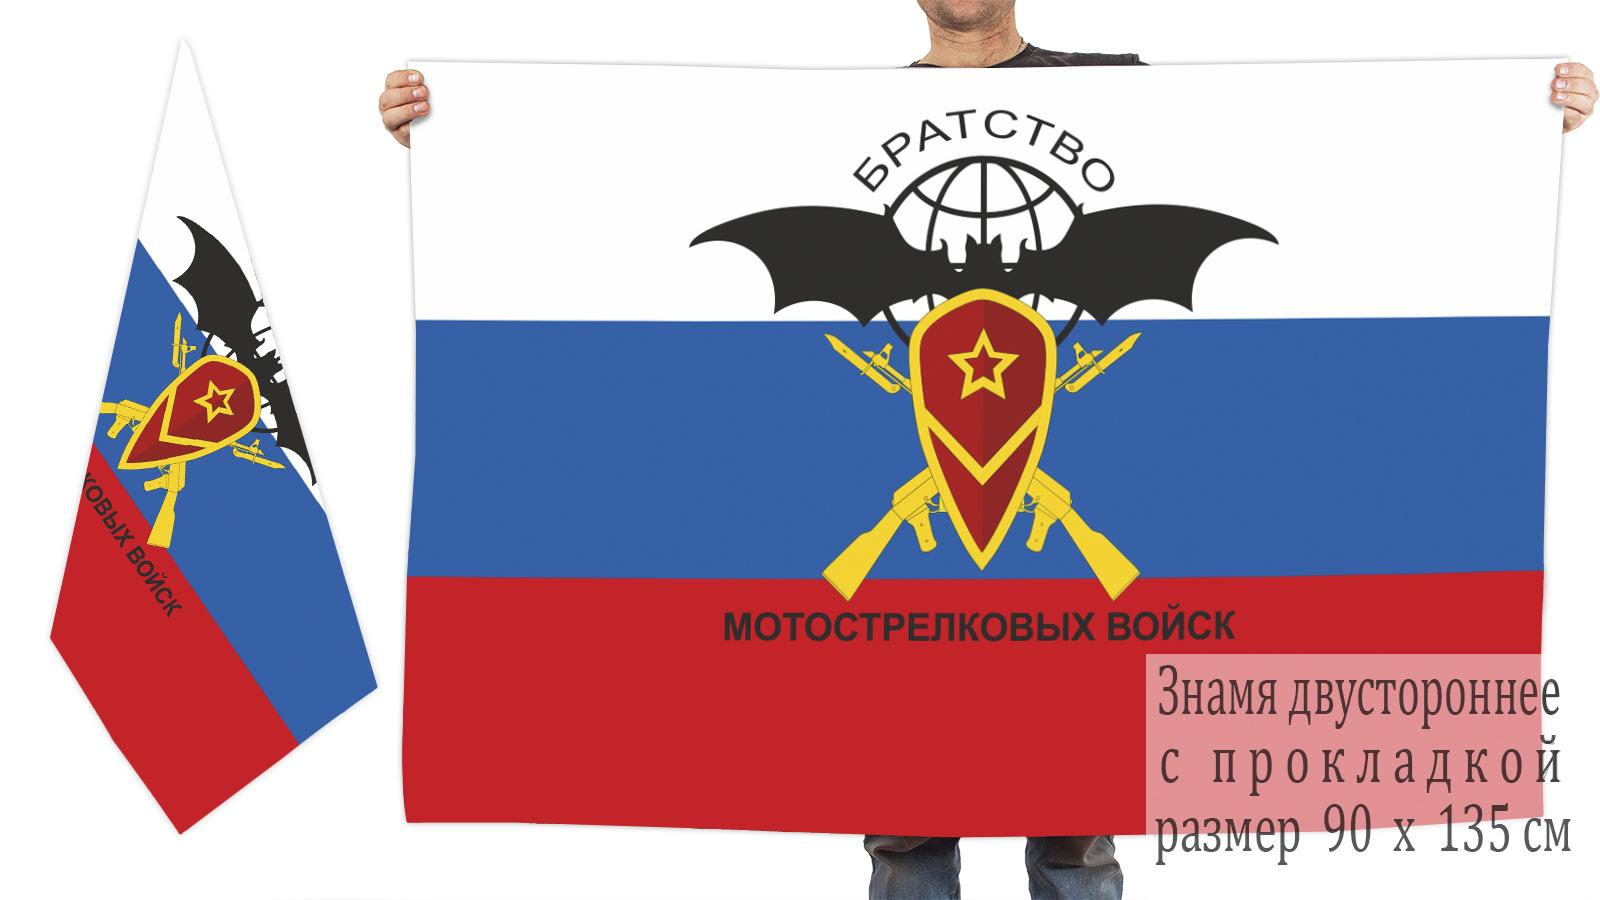 Цветной флаг Братство мотострелковых войск